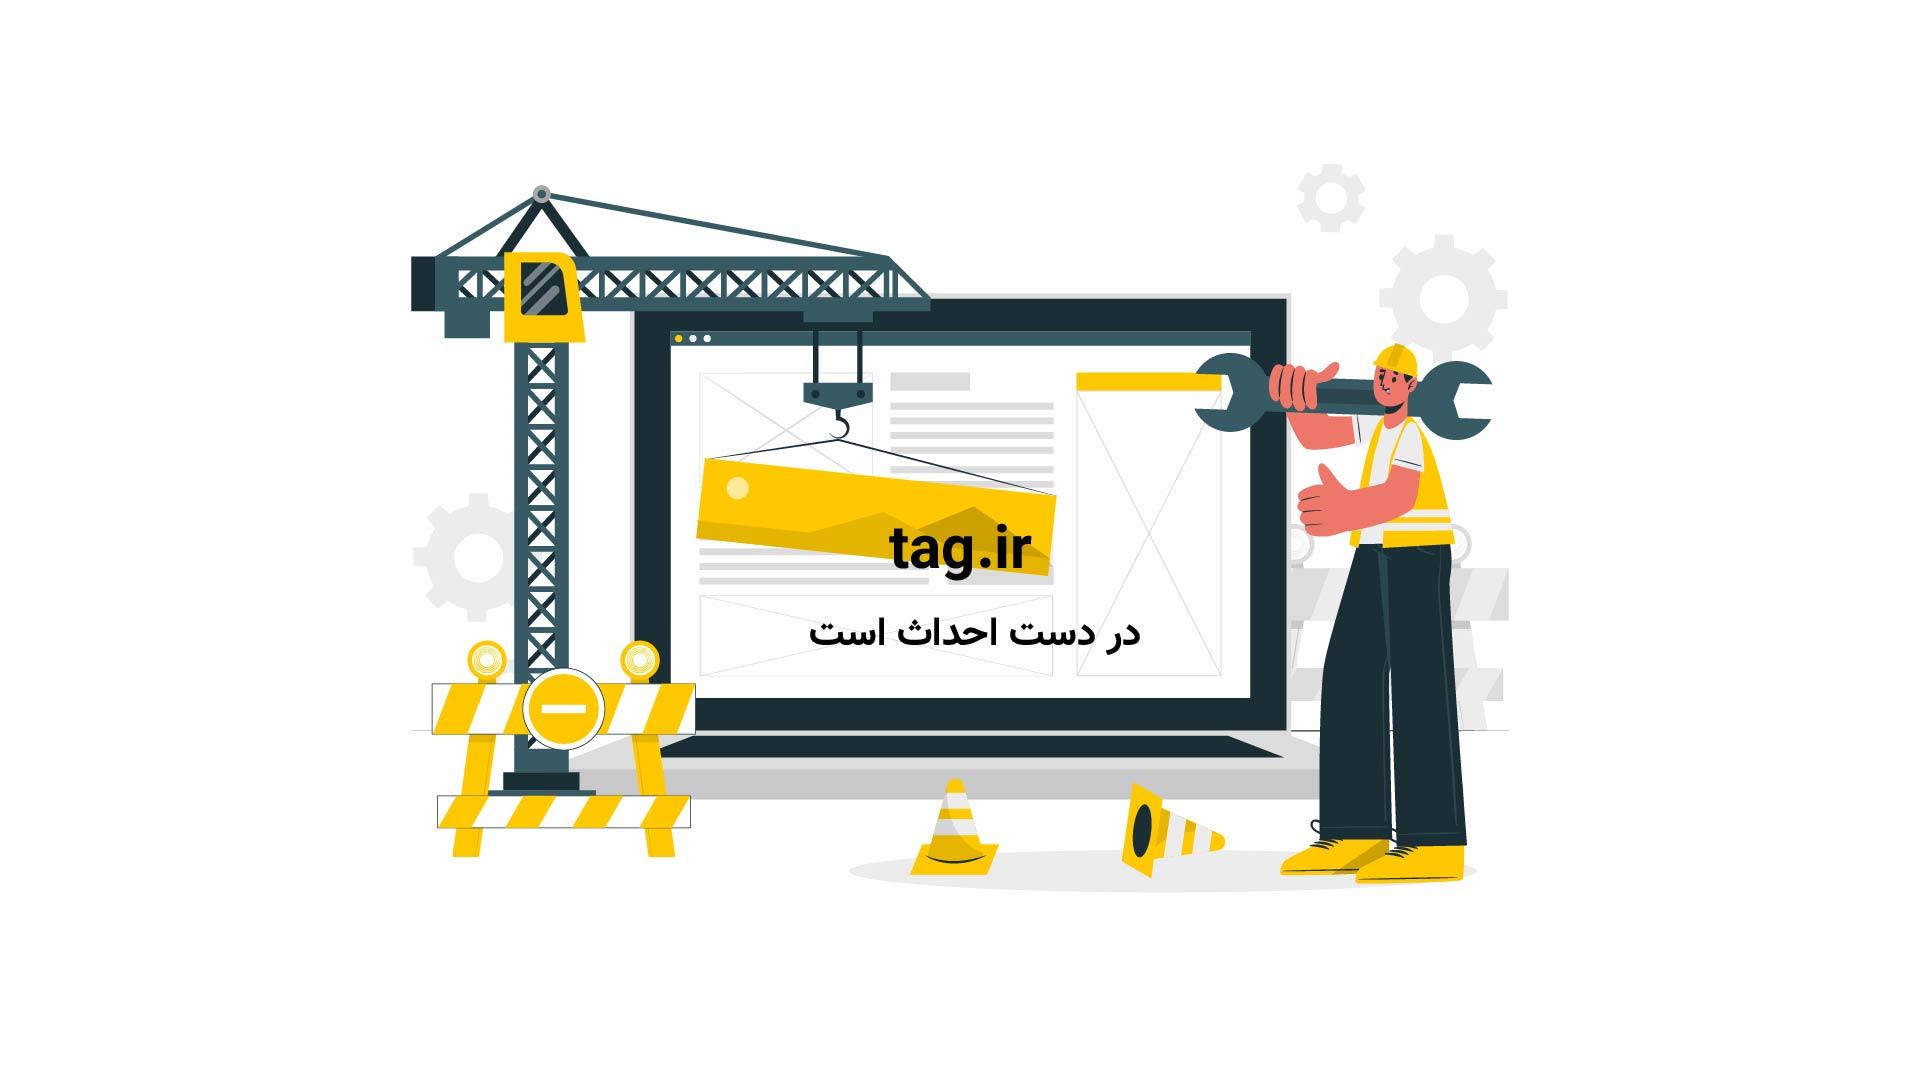 بازی موبایل بد 2 بد | تگ